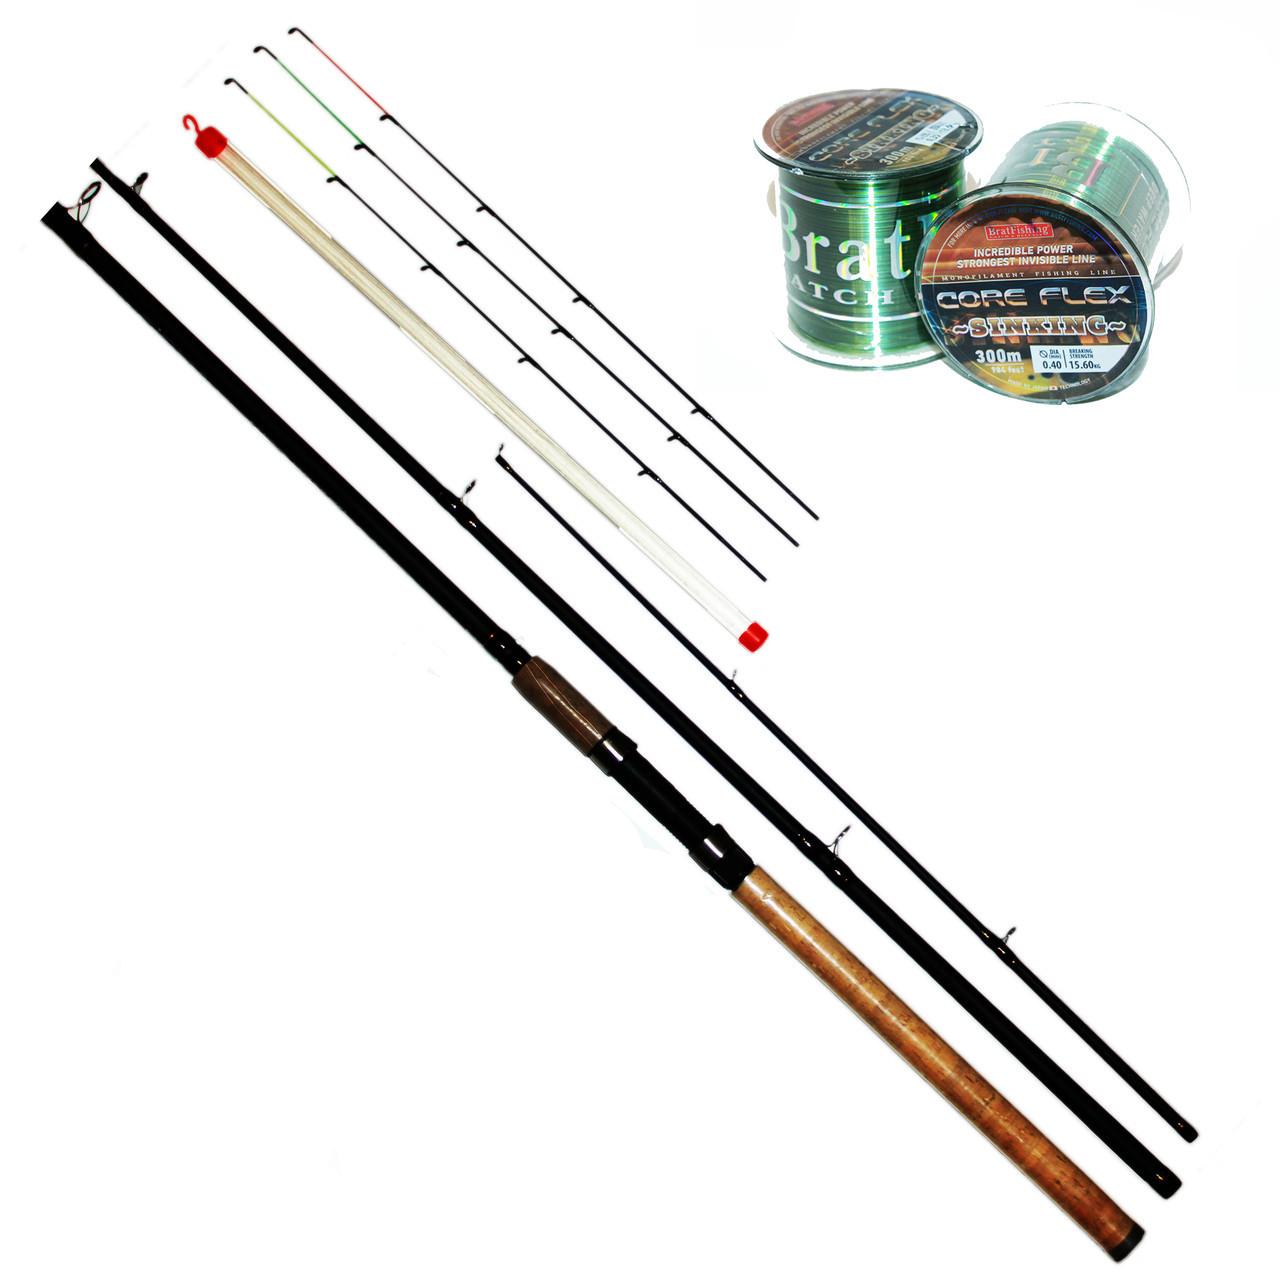 Фидерный спиннинг BratFishing Taipan 3.9 м.(тест 80 - 180 г..) + леска 300 м. в подарок